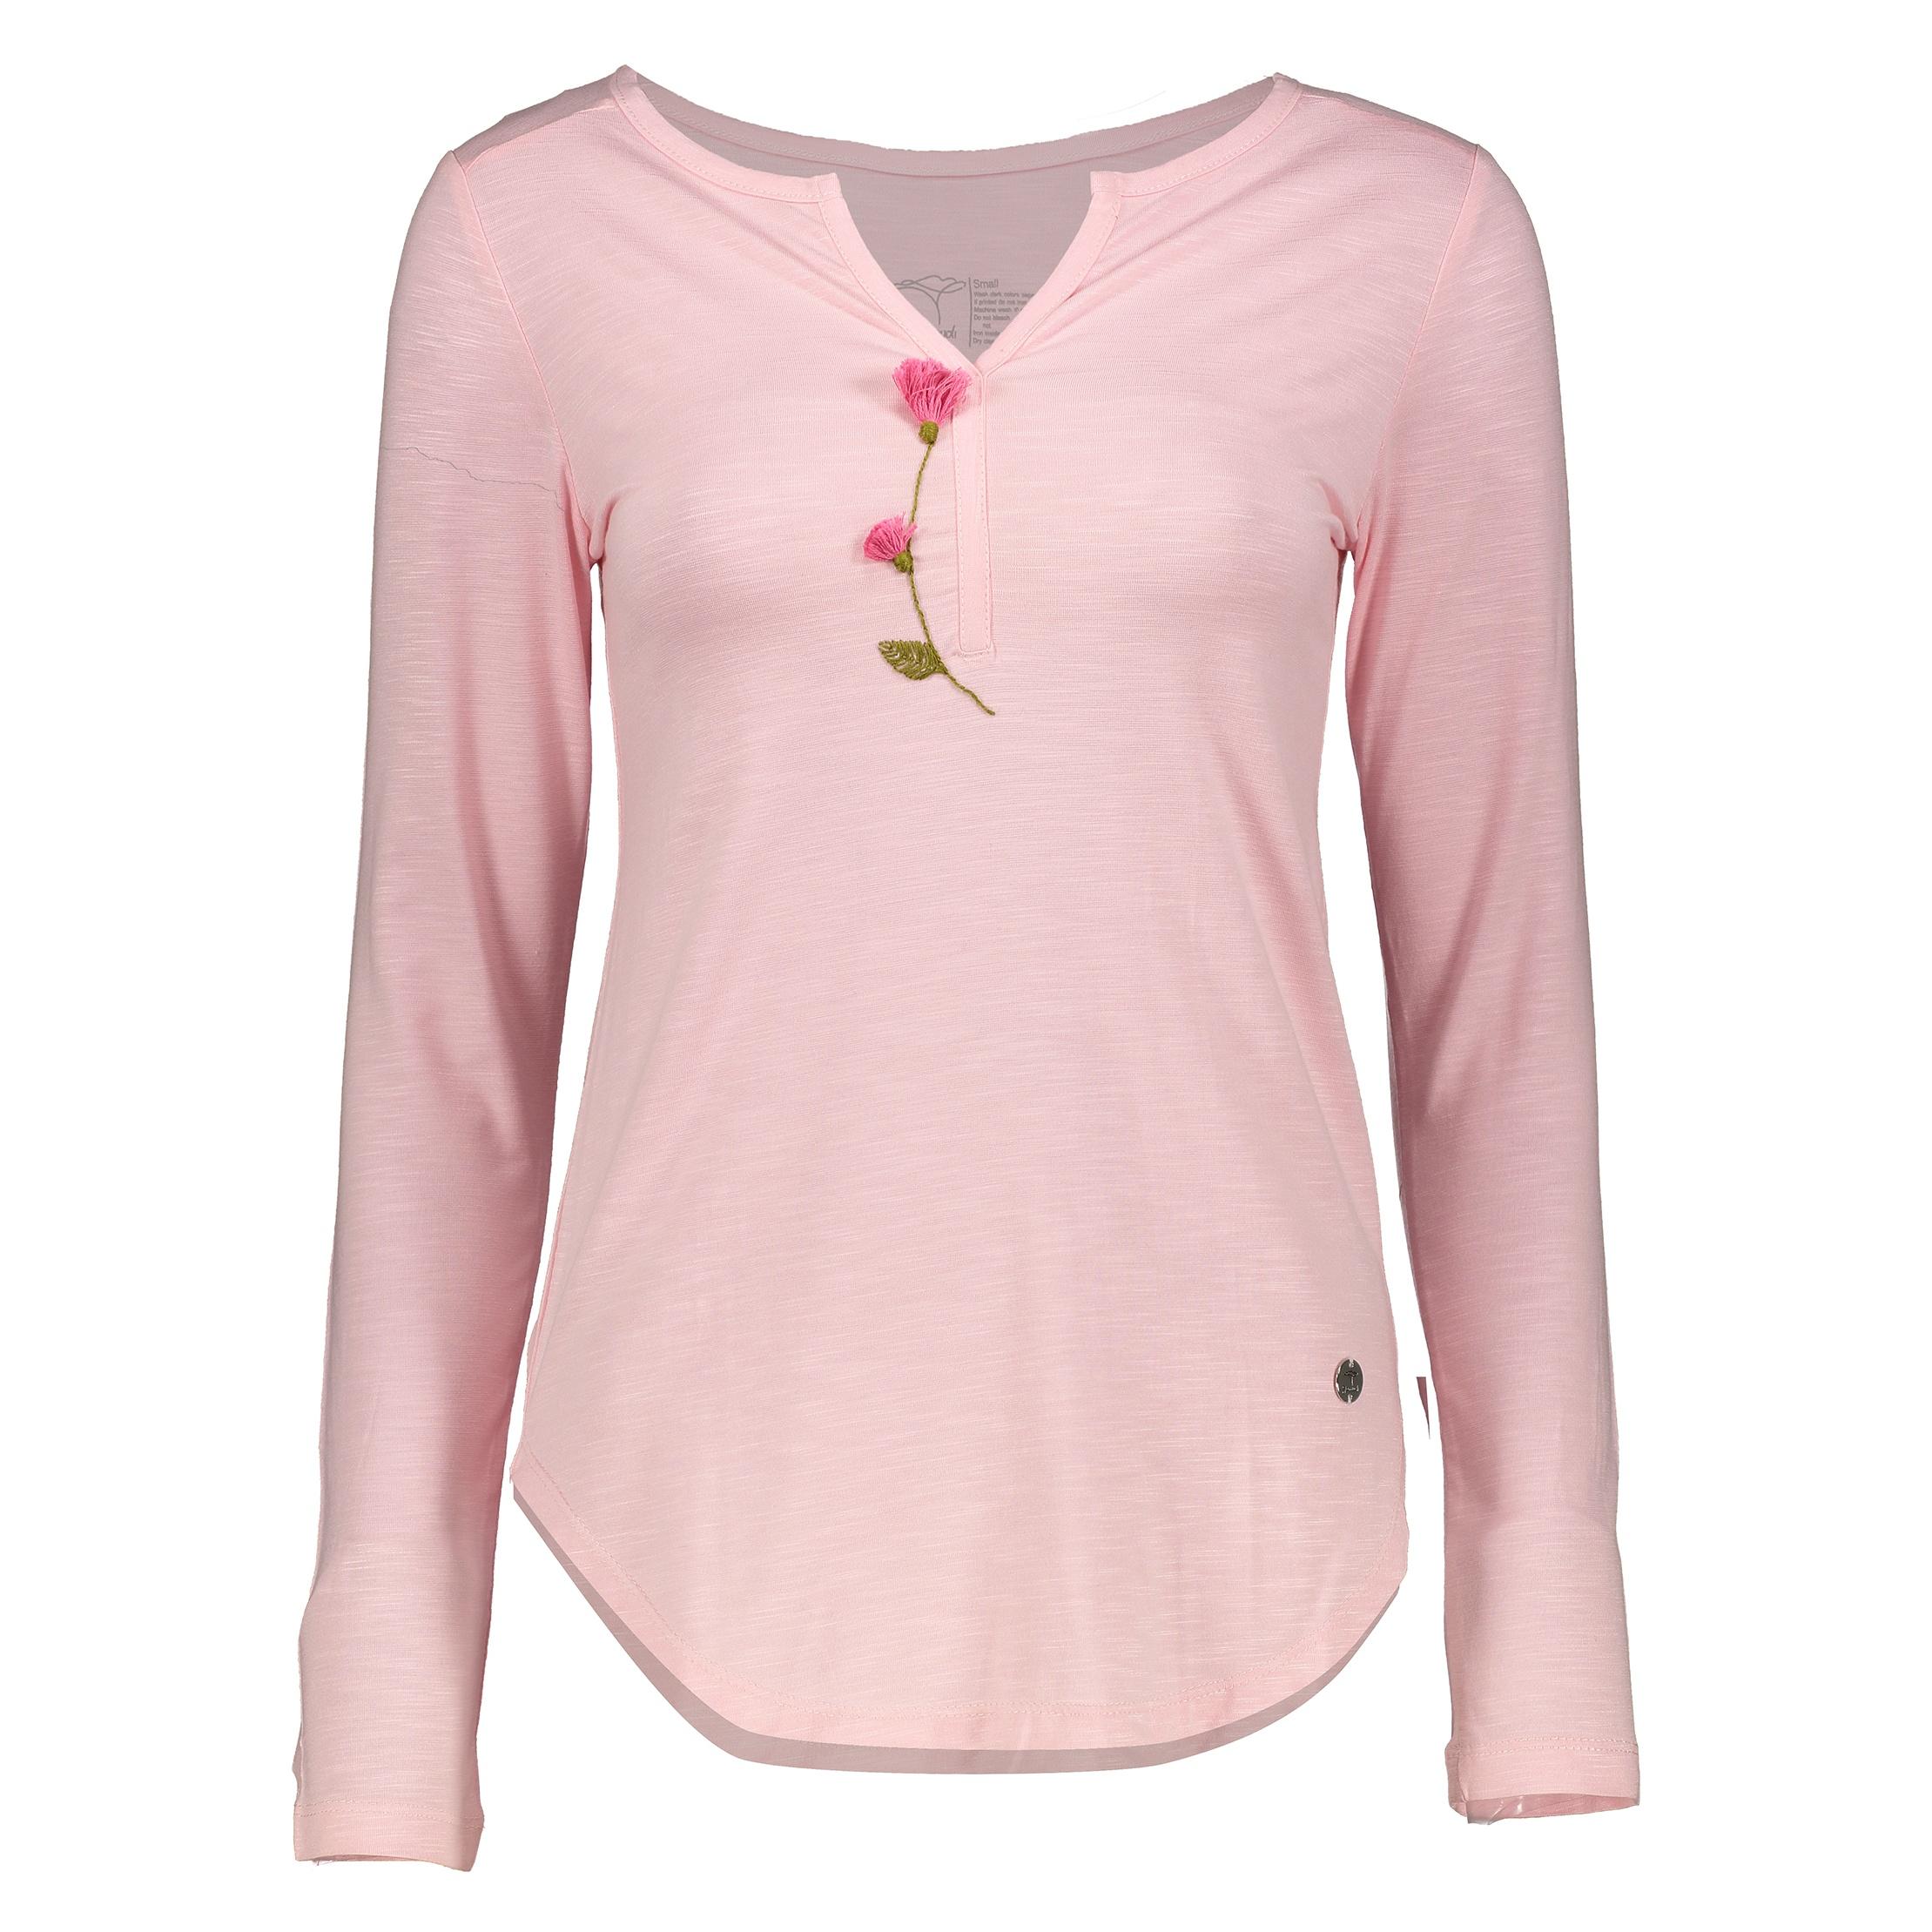 تی شرت زنانه گارودی مدل 1003107020-82